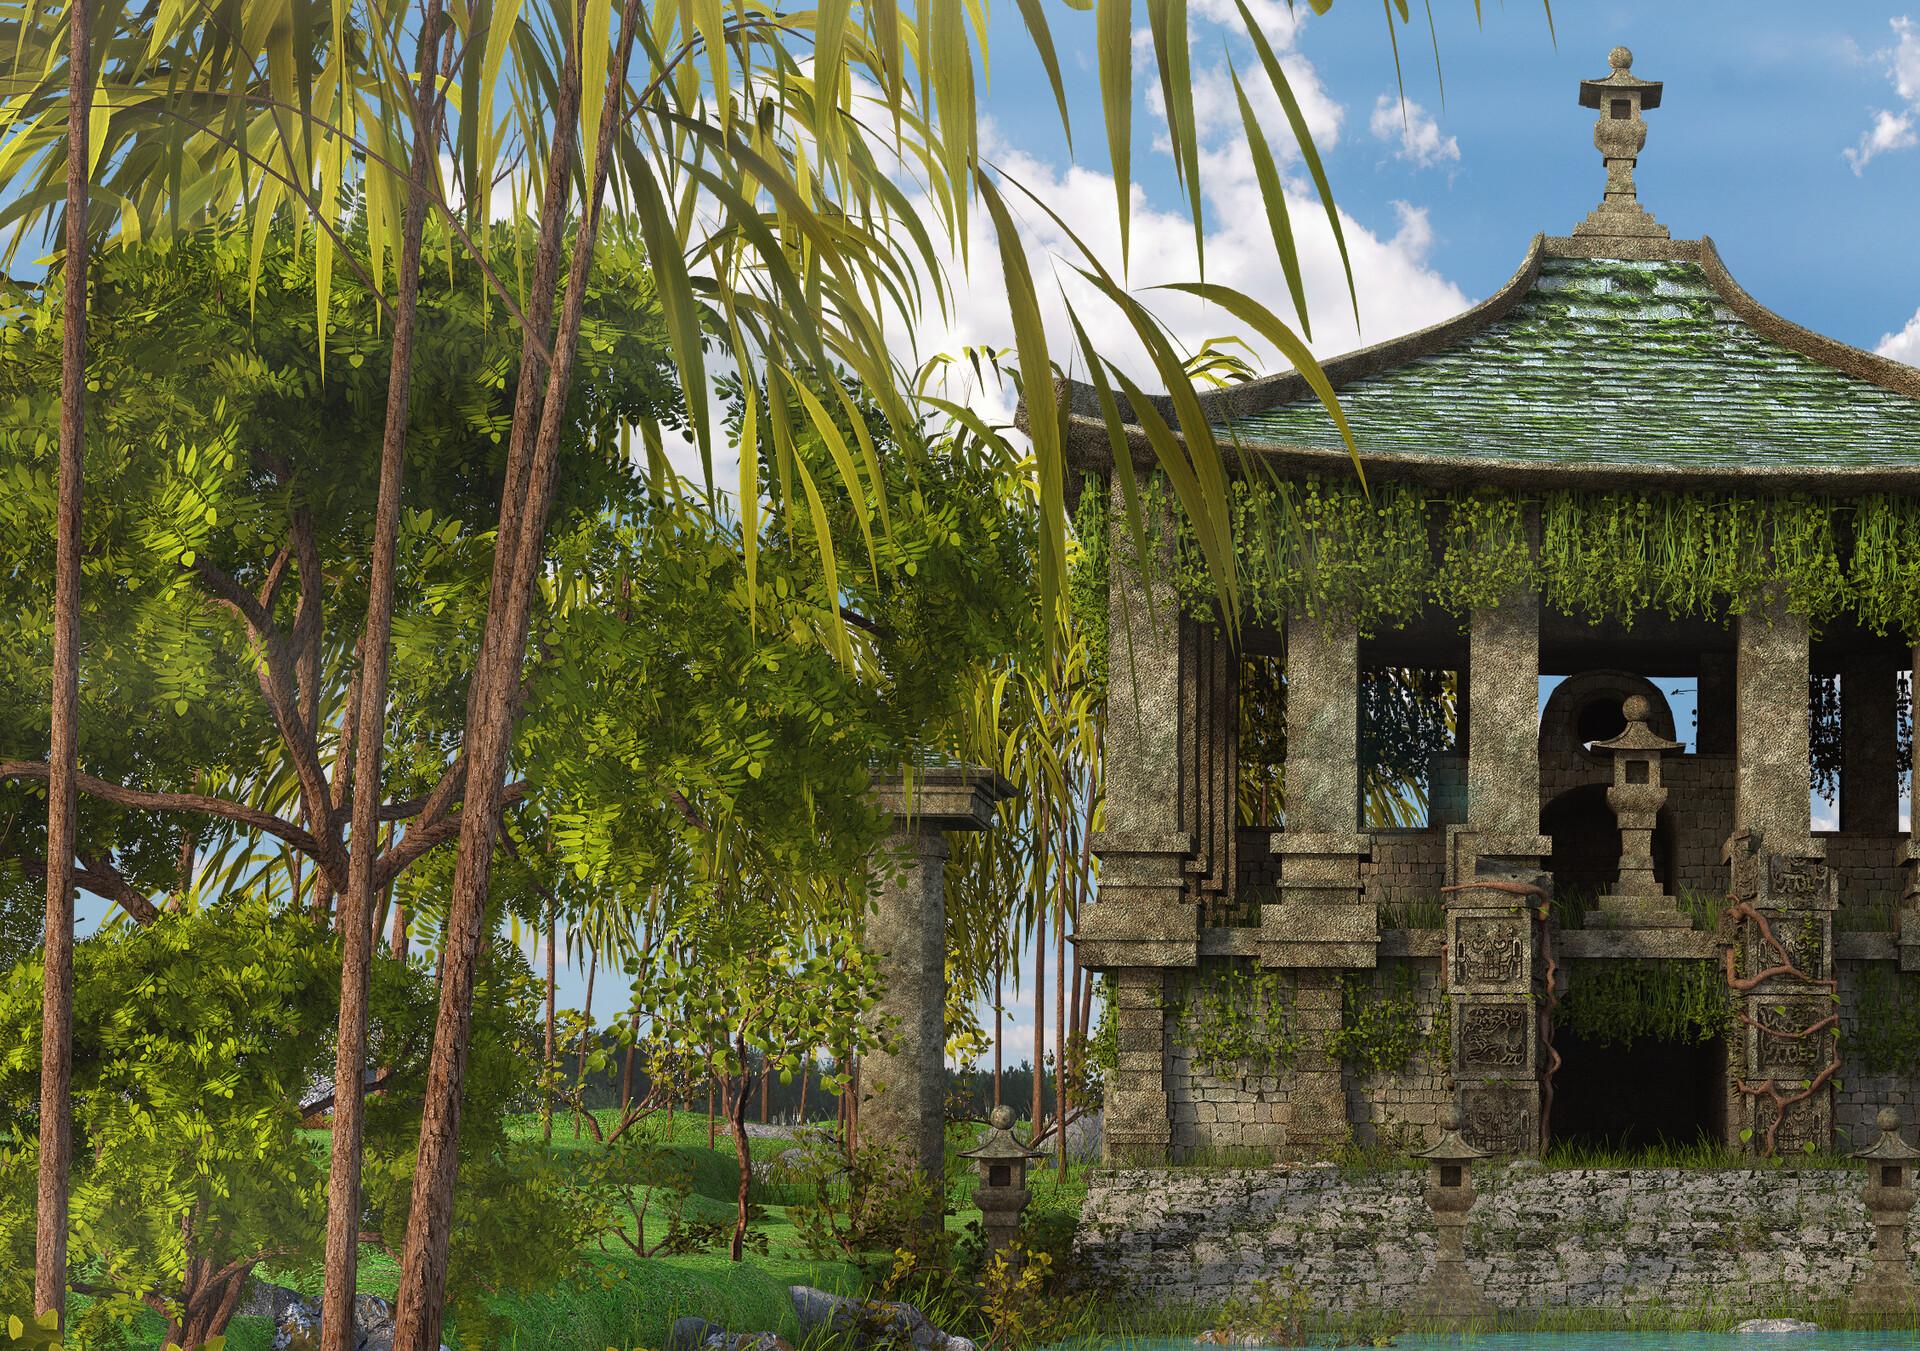 Marc mons temple6